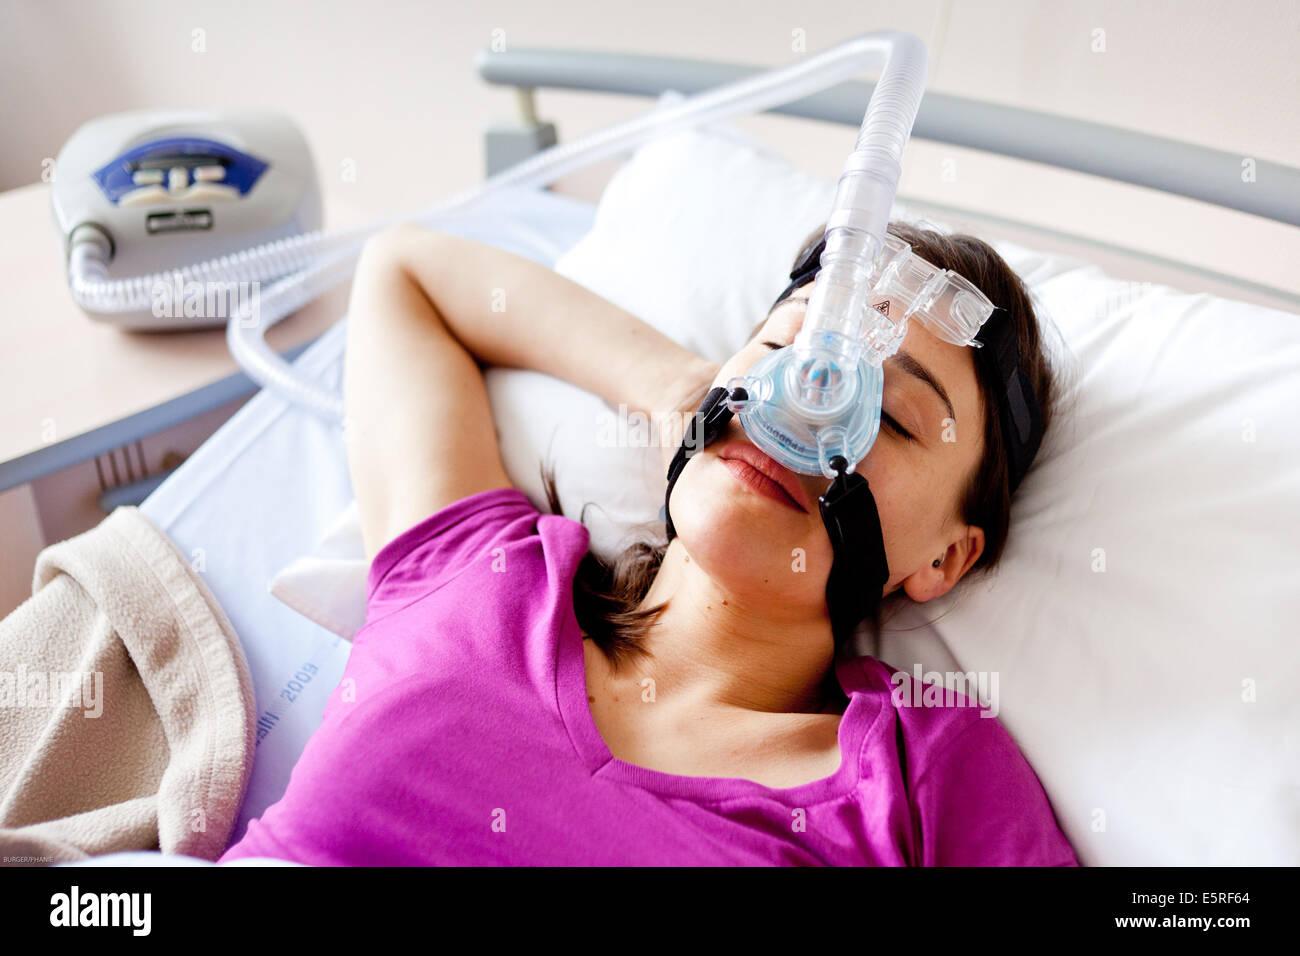 Il trattamento di apnea nel sonno e il russamento : pazienti affetti da apnea ostruttiva da sonno sindrome (OSAS) Immagini Stock